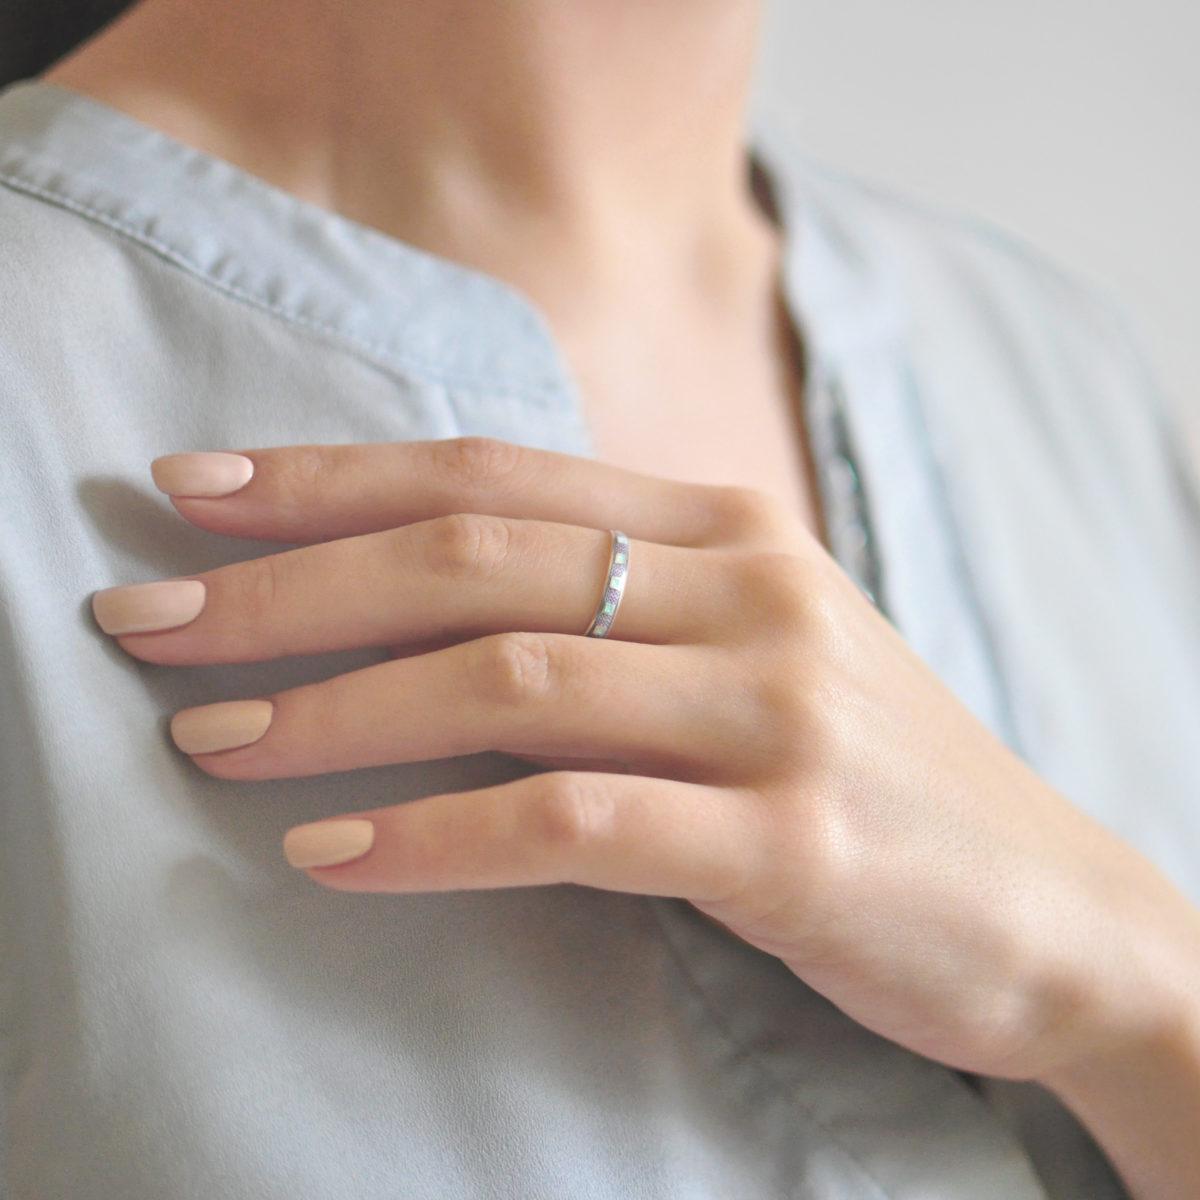 Serebro fioletovaya 4 1200x1200 - Кольцо из серебра «Седмица», фиолетовое